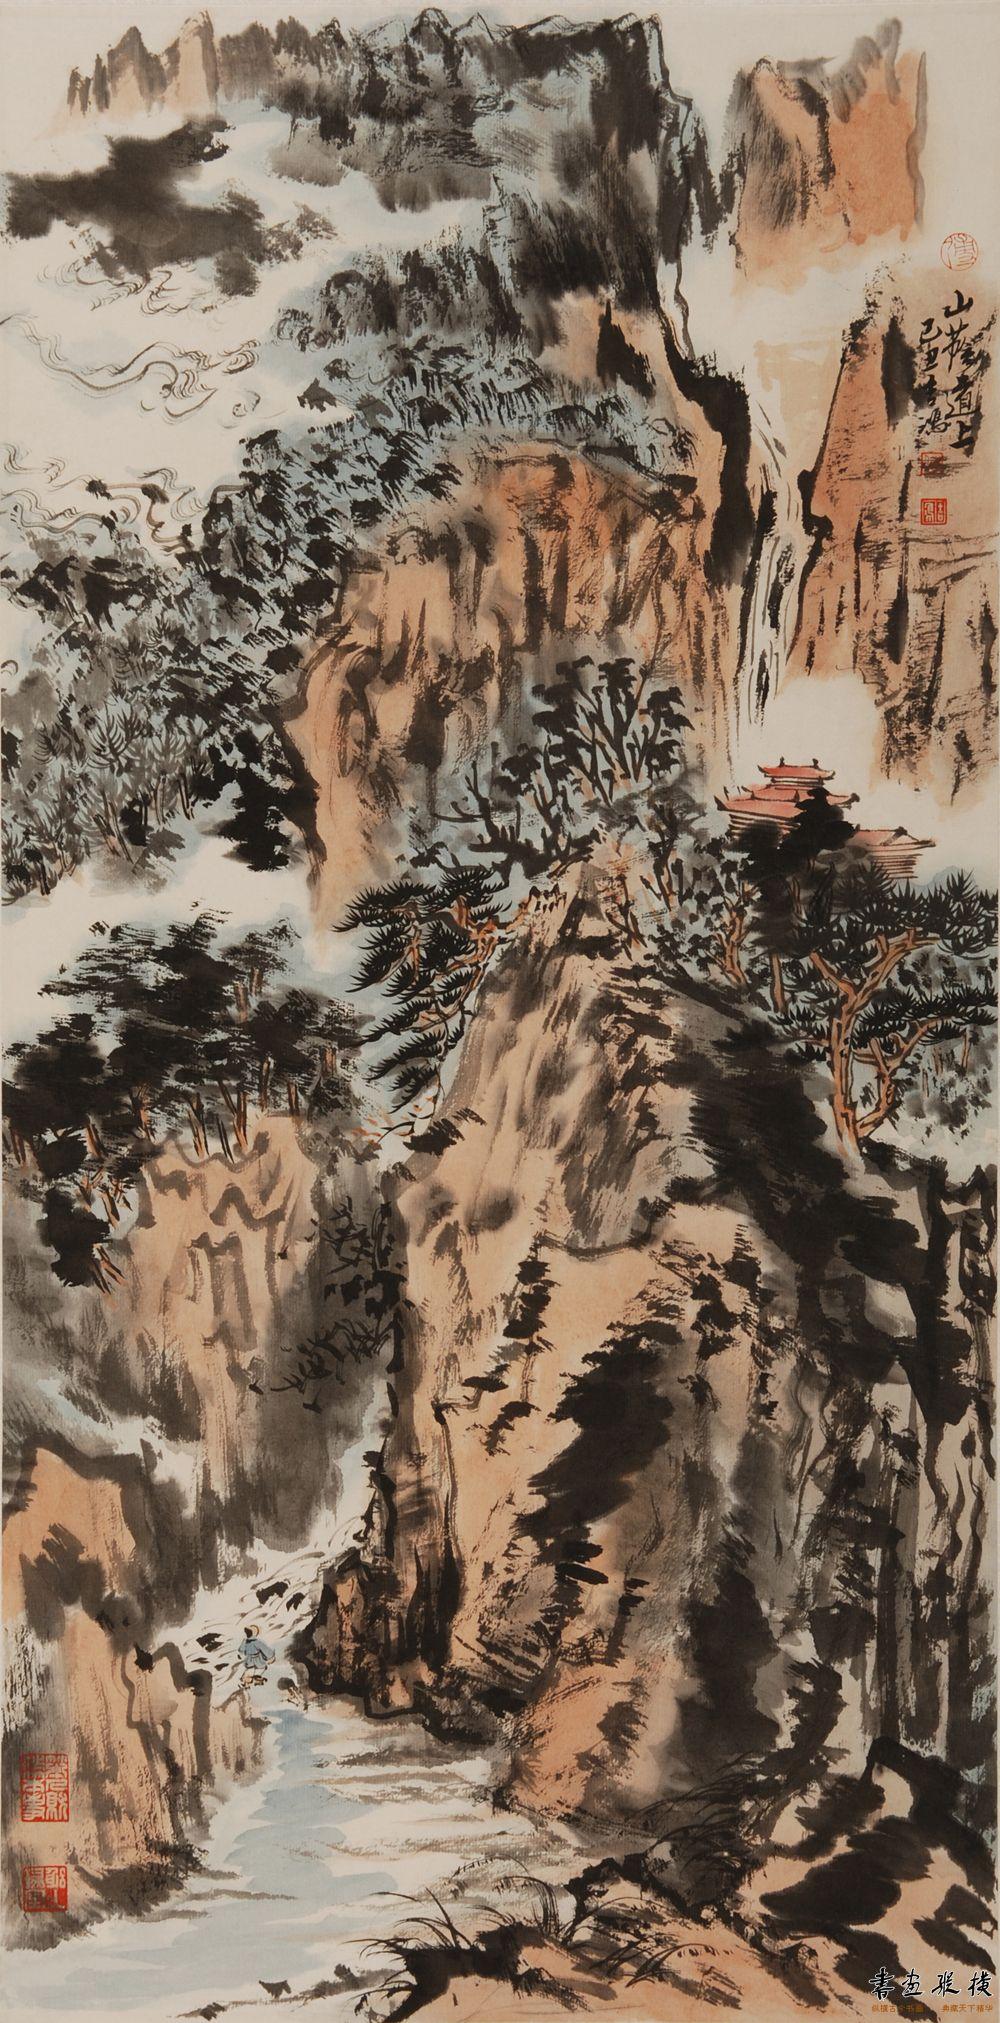 傅吉鸿 山荫道上34×68.5cm 纸本水墨2009年